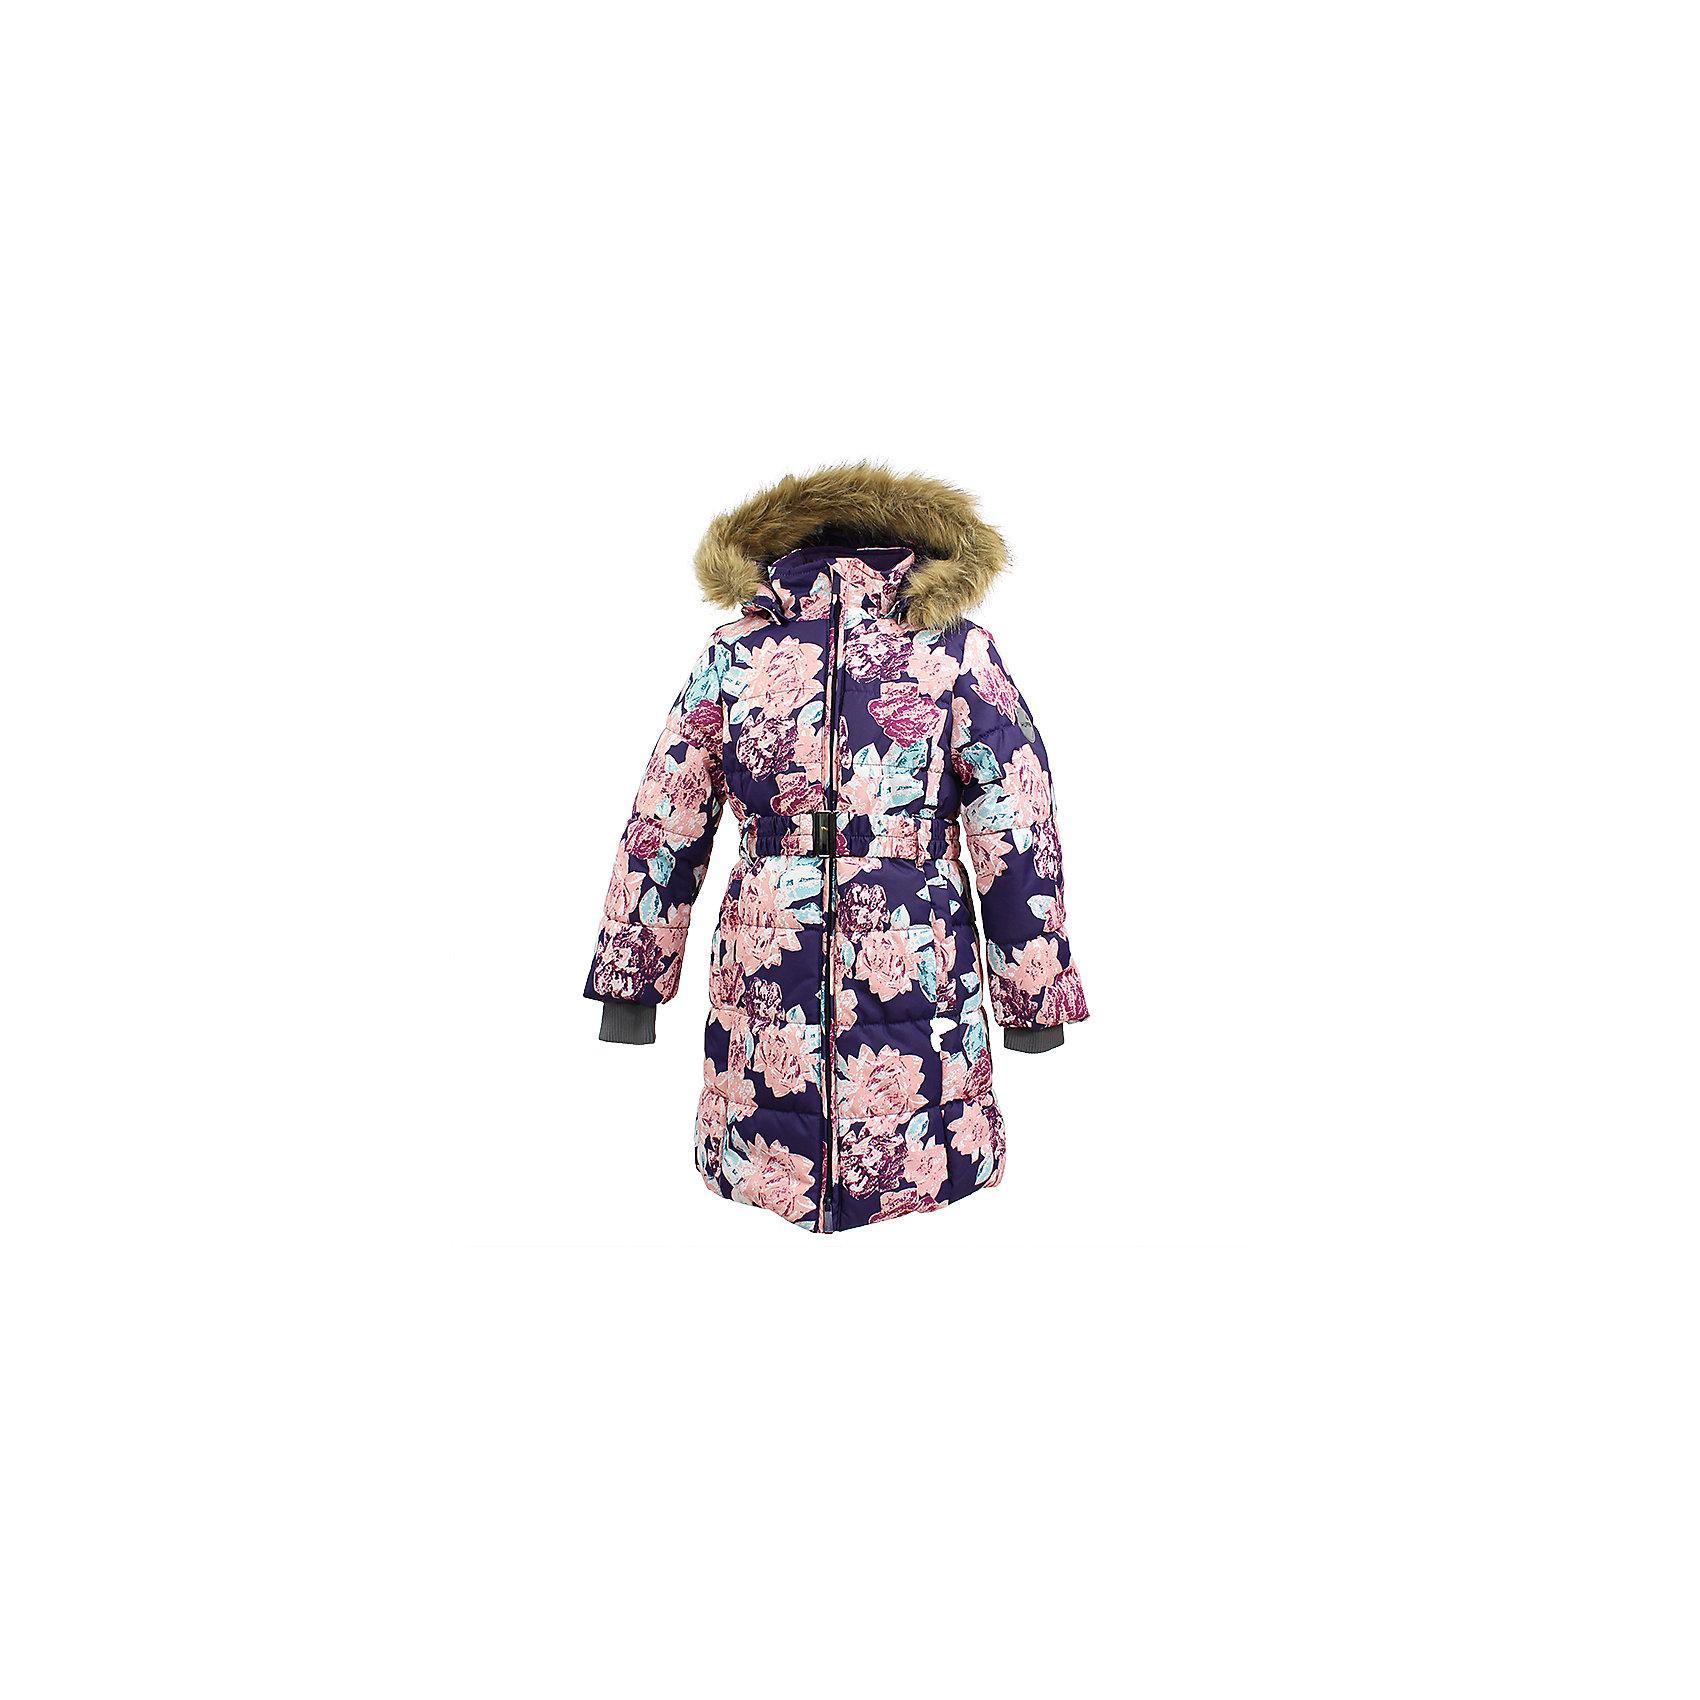 Пальто YACARANDA Huppa для девочкиВерхняя одежда<br>Куртка для девочек YACARANDA.Водо и воздухонепроницаемость 10 000. Утеплитель 300 гр. Подкладка тафта, флис 100% полиэстер. Отстегивающийся капюшон с мехом. Внутренний манжет рукава.Вязаные детали.Двухсторонняя молния. Имеются светоотражательные детали.<br>Состав:<br>100% Полиэстер<br><br>Ширина мм: 356<br>Глубина мм: 10<br>Высота мм: 245<br>Вес г: 519<br>Цвет: фиолетовый<br>Возраст от месяцев: 84<br>Возраст до месяцев: 96<br>Пол: Женский<br>Возраст: Детский<br>Размер: 128,170,104,110,116,122,134,140,146,152,158,164<br>SKU: 7027479